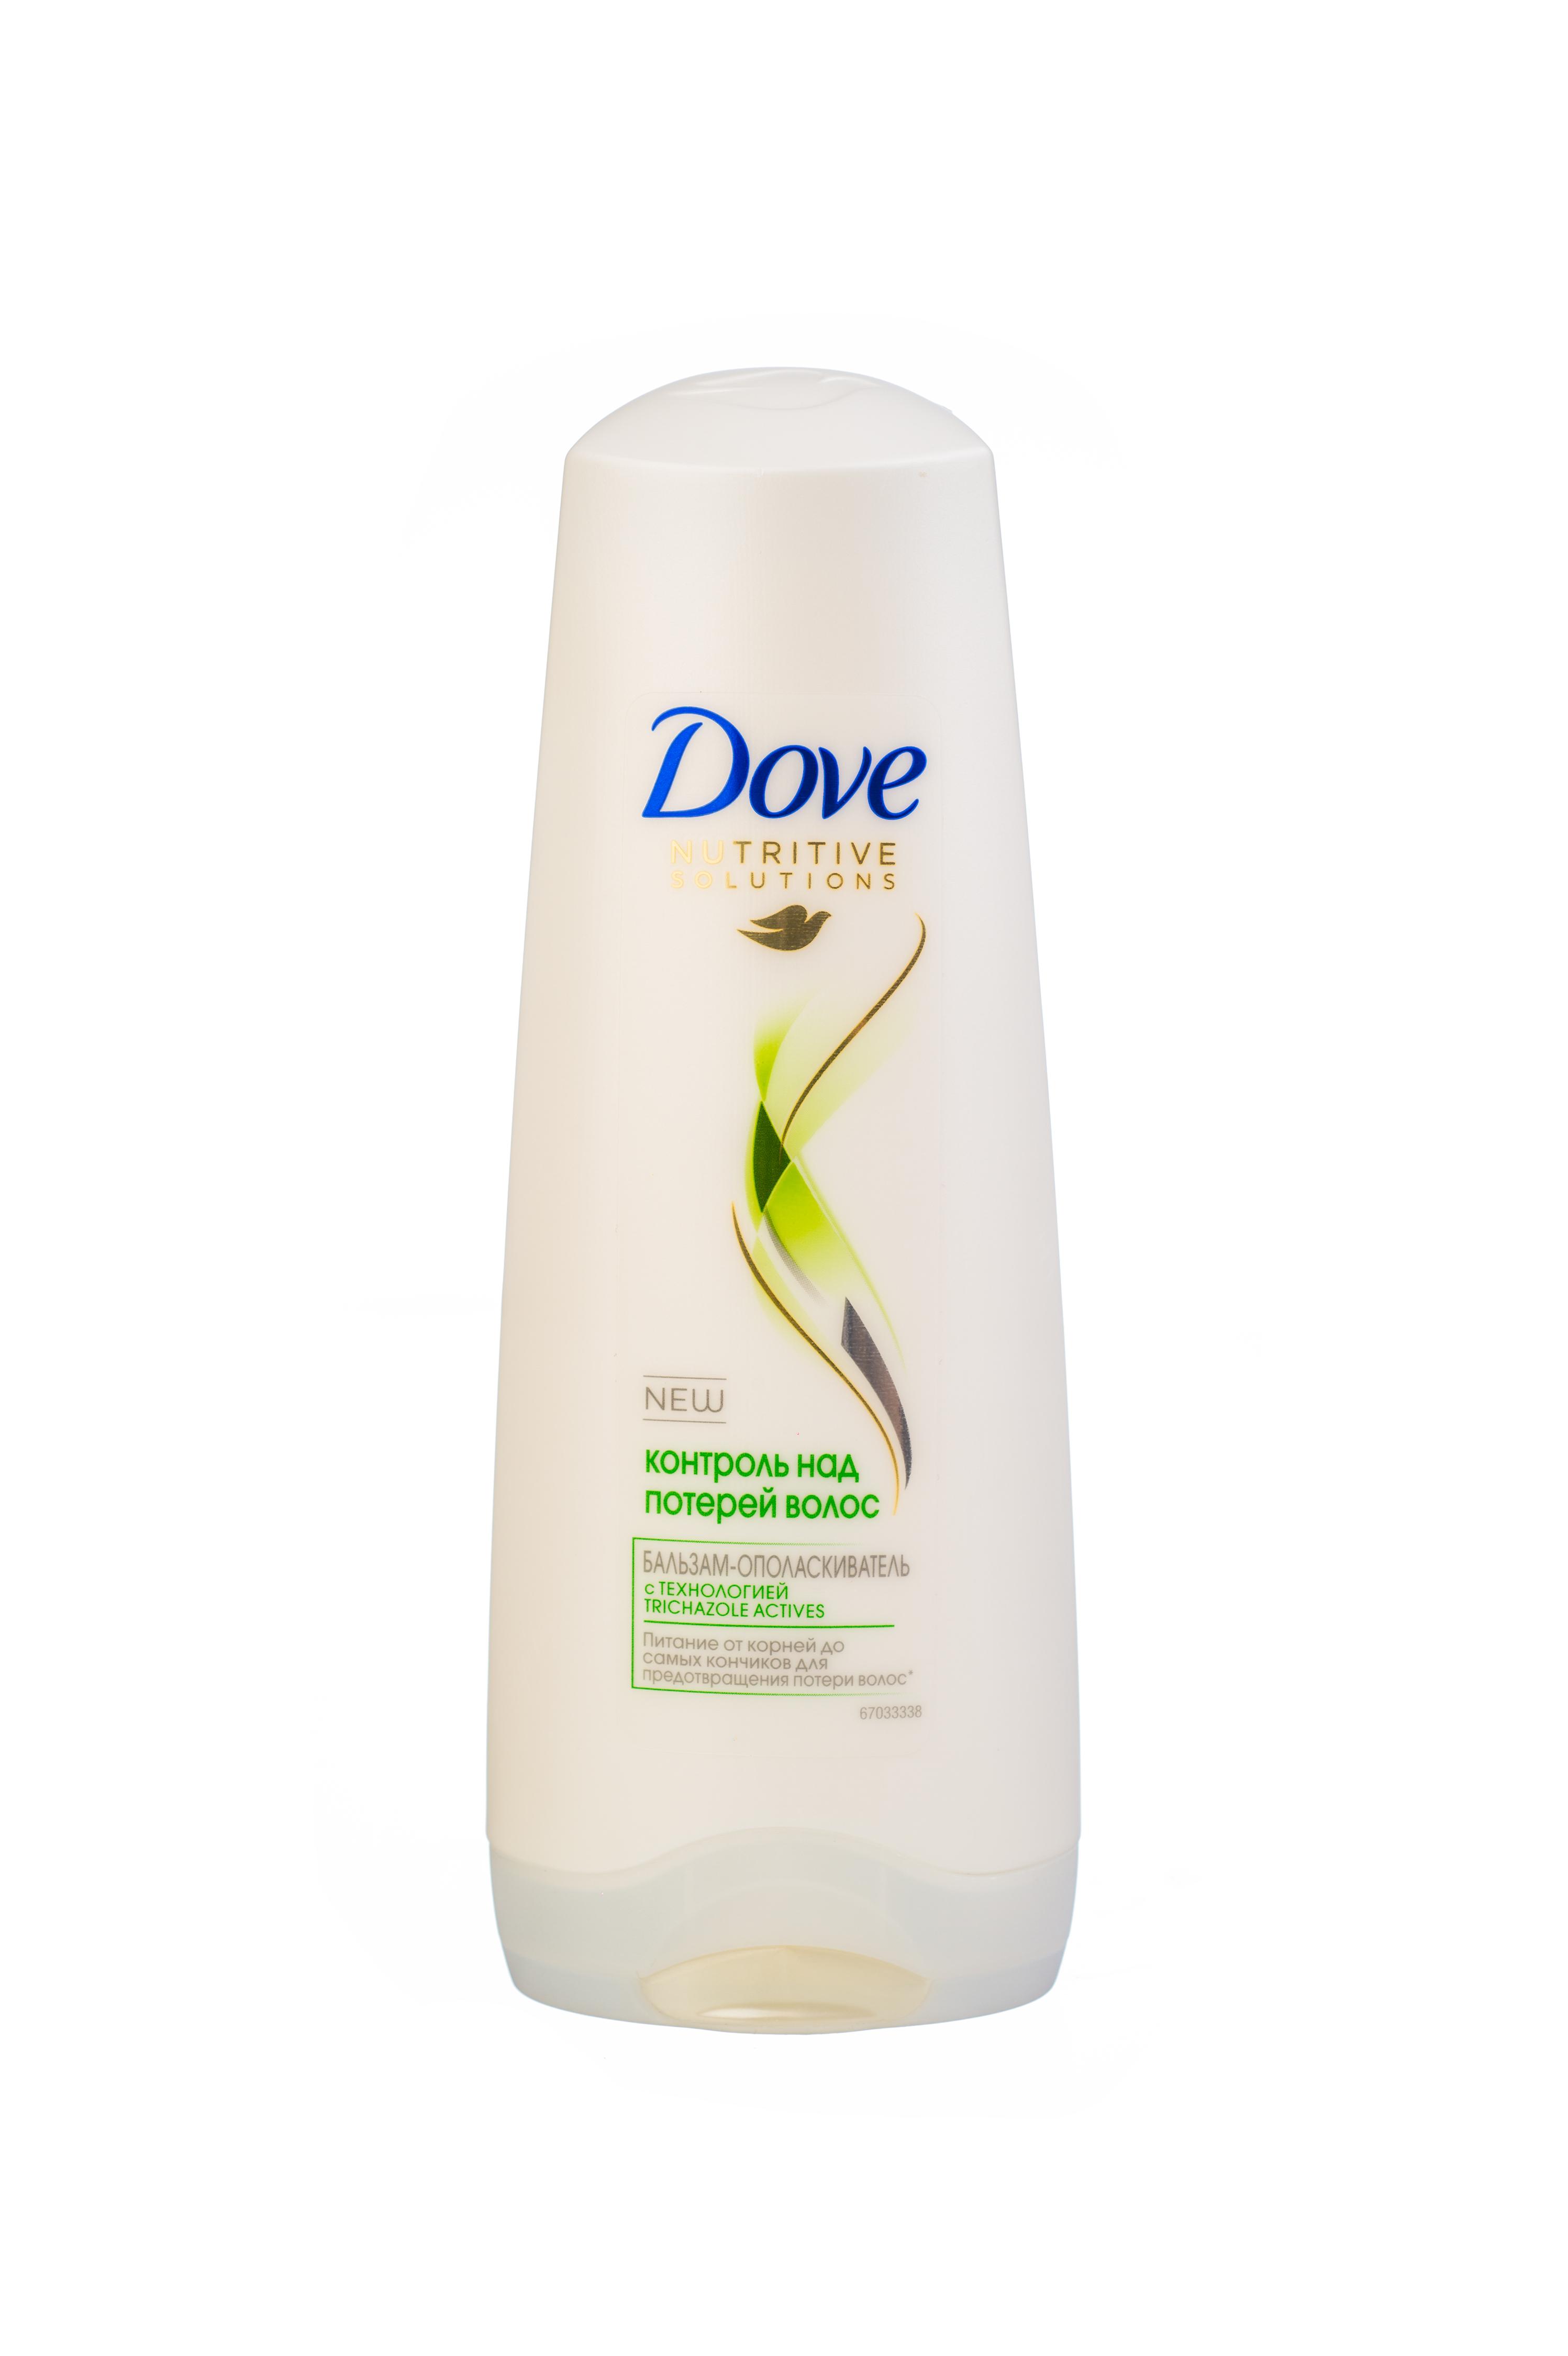 Dove Nutritive Solutions Бальзам-ополаскиватель Контроль над потерей волос 200 мл21075471Бальзам Dove Контроль над потерей волос мягко и бережно очищает хрупкие волосы, эффективно укрепляет их, помогая предотвратить ломкость. Увлажняющая Микро-сыворотка, входящая в состав бальзама-ополаскивателя, разглаживает поврежденную поверхность волоса, помогая восстановить и укрепить ослабленные ломкие волосы от корней до кончиков, уменьшая потерю волос на 98%.Наслаждайтесь красотой сильных волос, устойчивых к повреждениям и выпадению из-за ломкости. Товар сертифицирован.